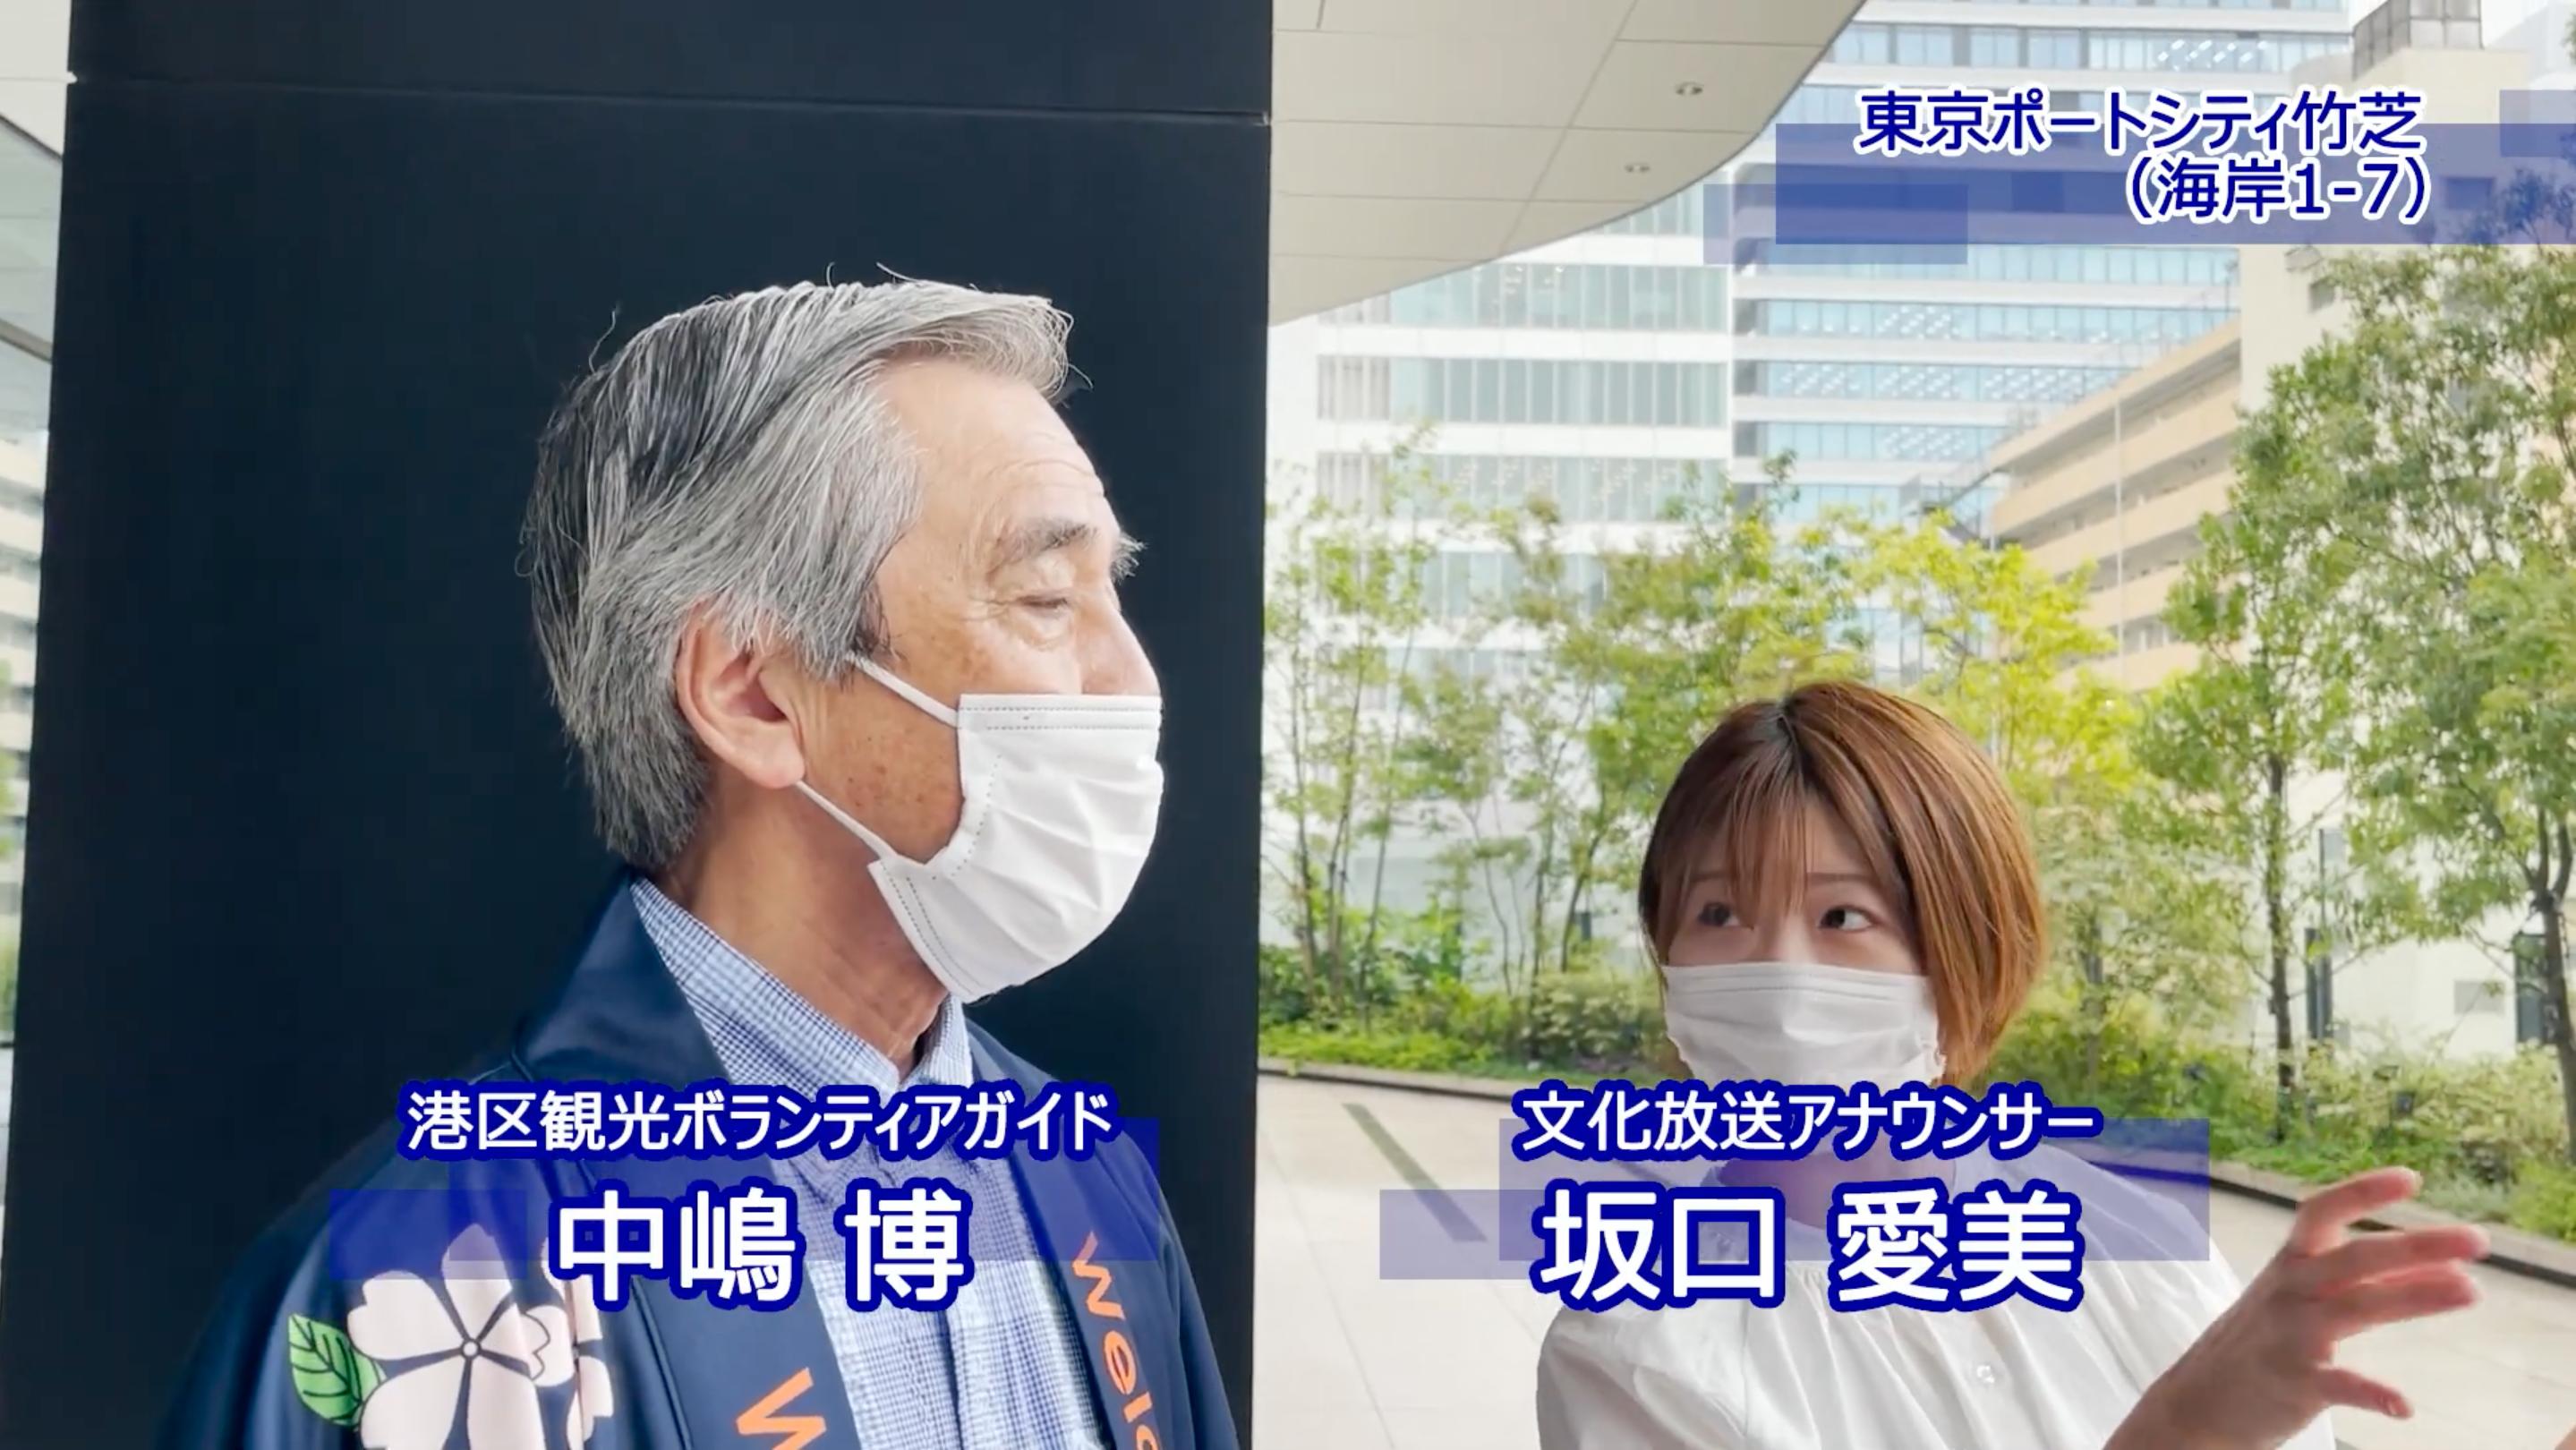 文化放送アナと浜松町散歩♪第4回「進化する街・東京ポートシティ(後編)」